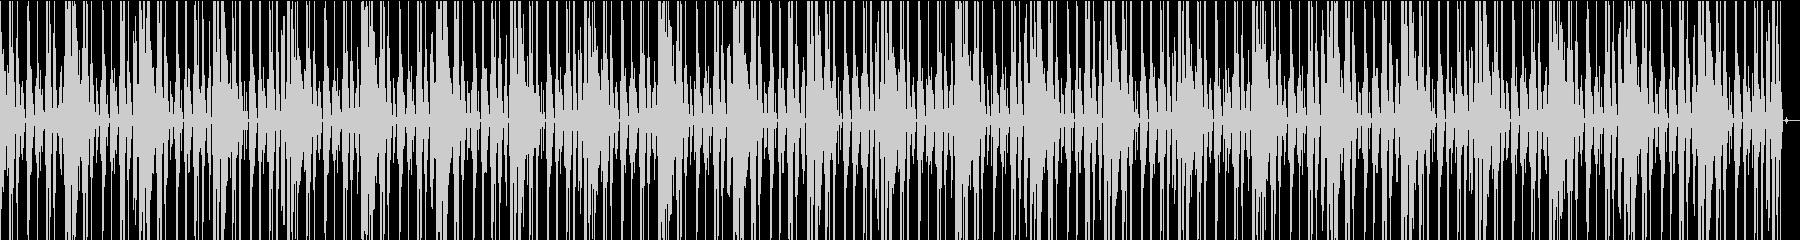 EDMなBGM004跳ねたリズムの未再生の波形